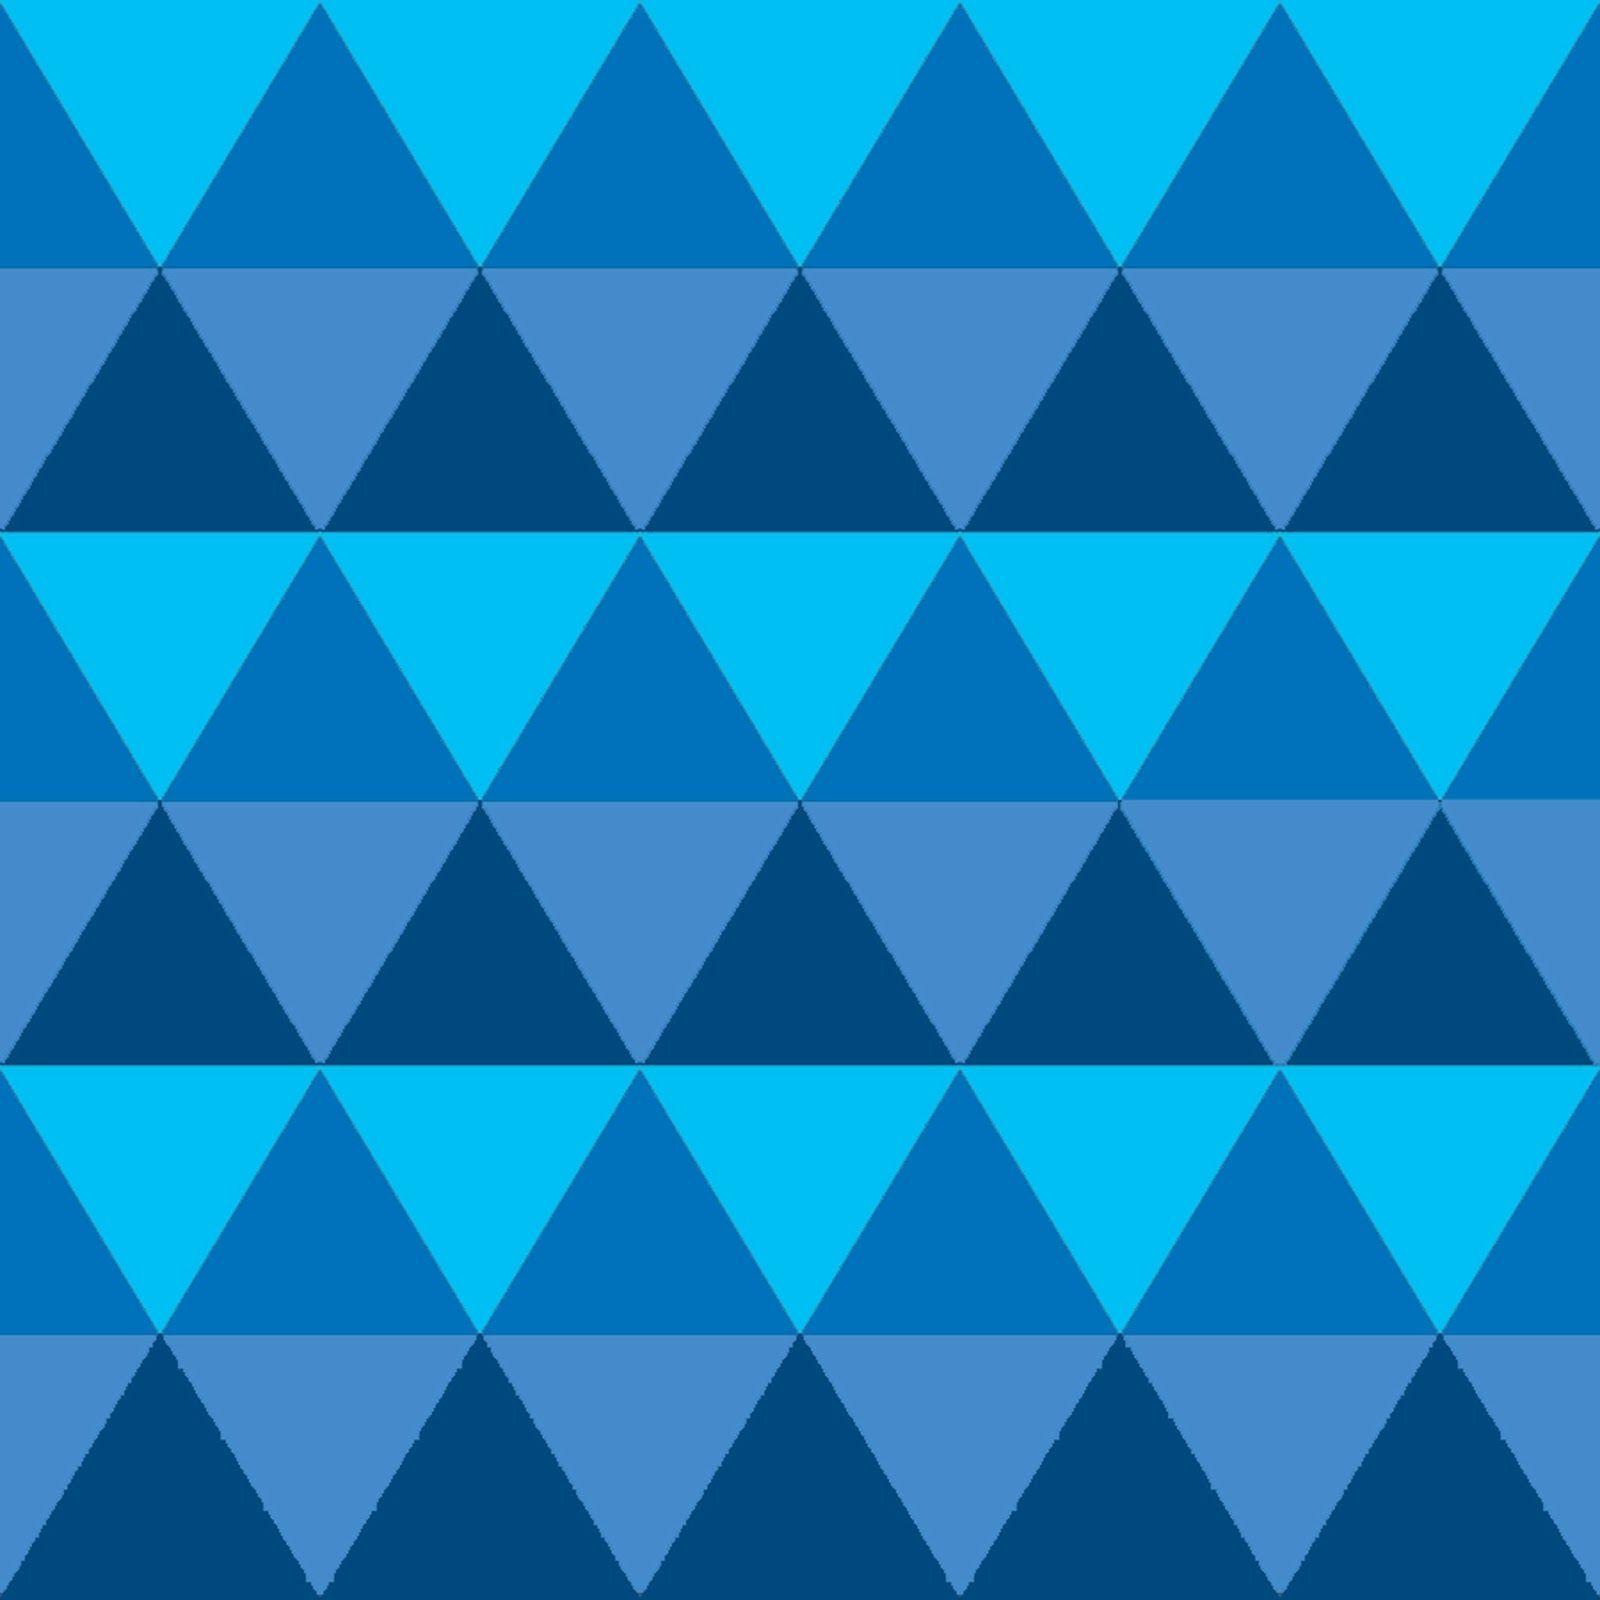 Blue Fabulous Geometric Triangle Freebie